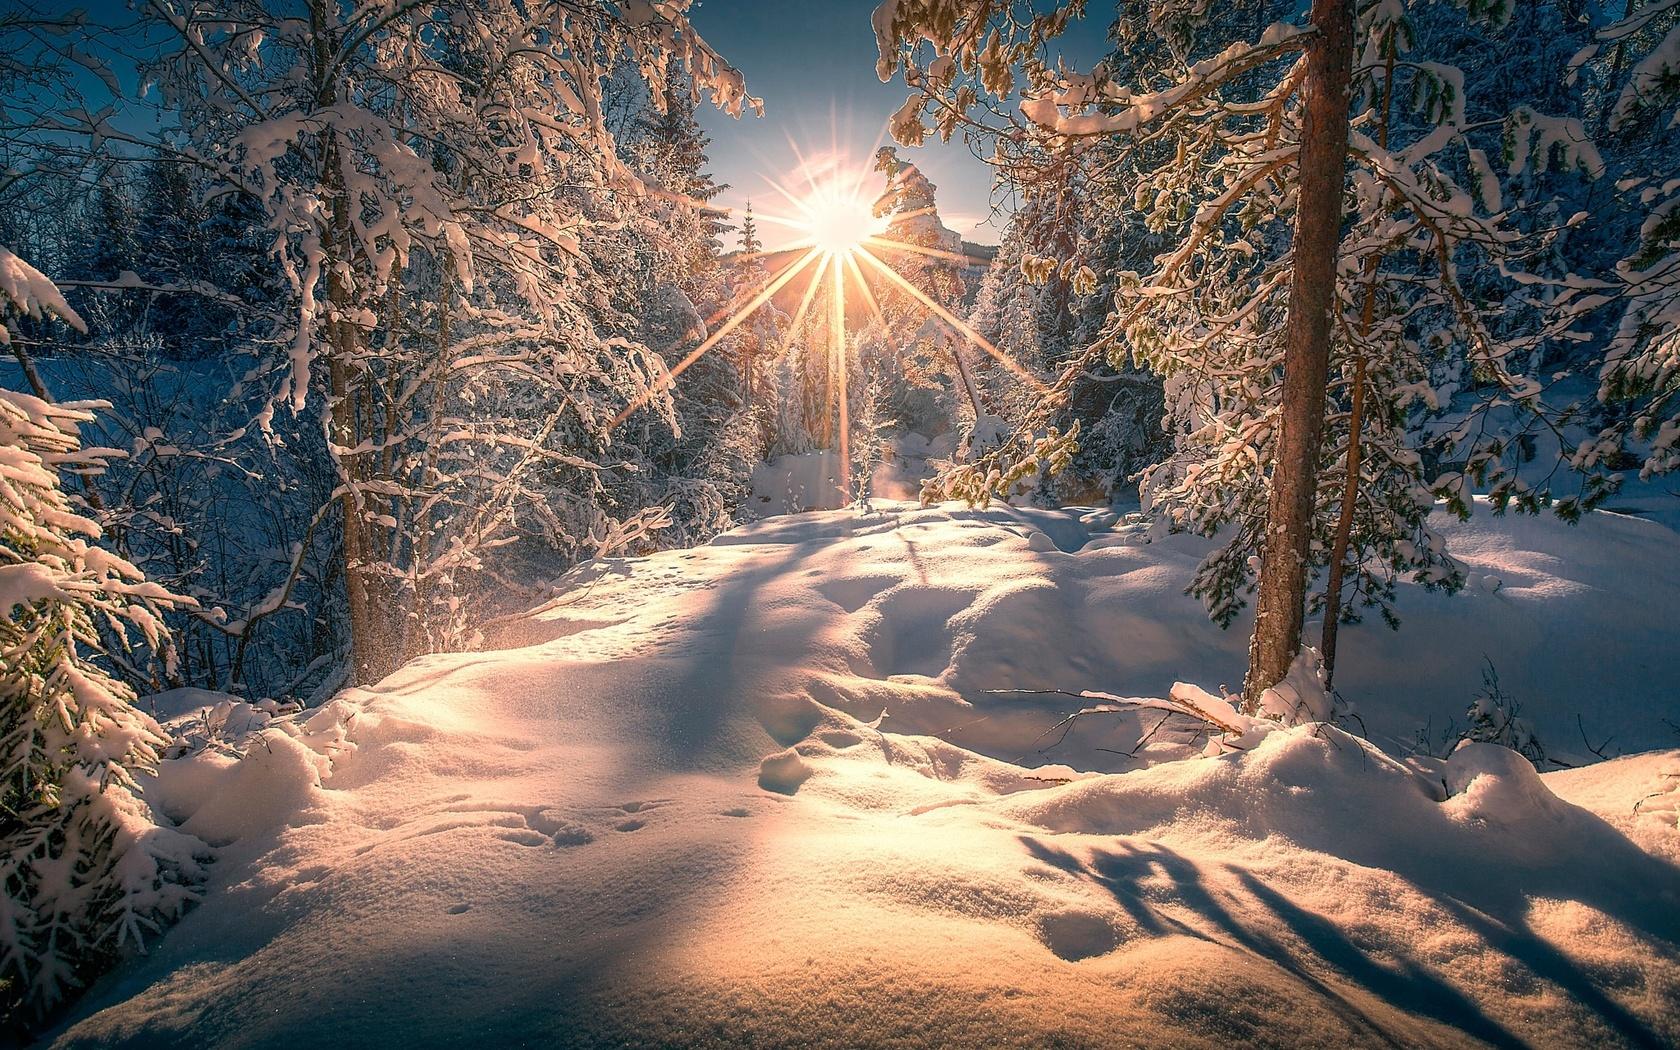 природа, пейзаж, зима, лес, солнце, лучи, снег, деревья, сугробы, тени